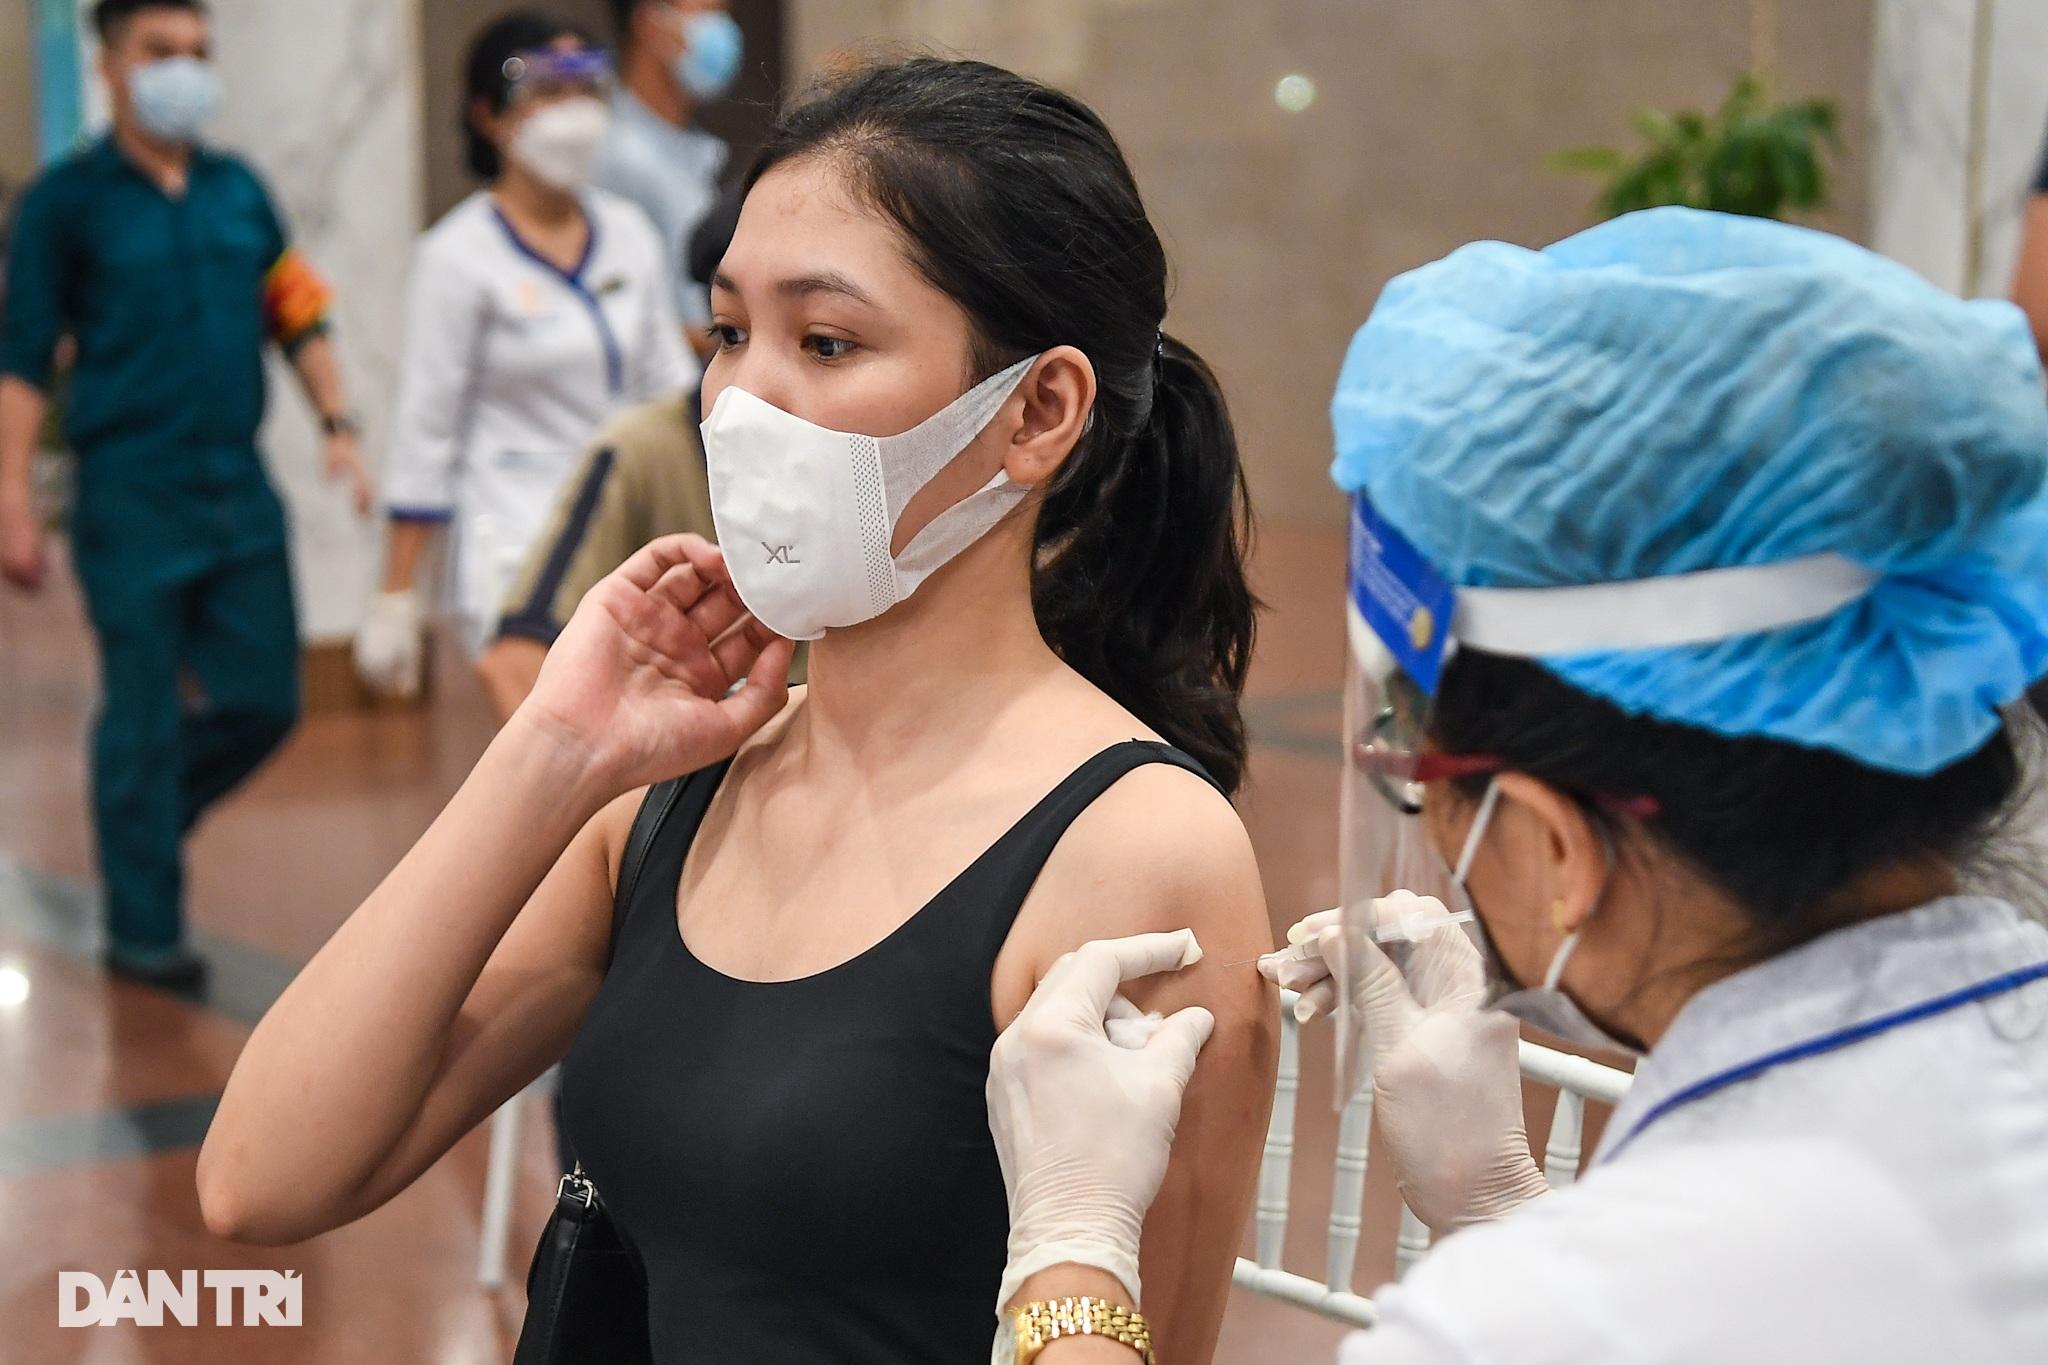 Ảnh: Toàn cảnh Chiến dịch truy vết và phủ vắc xin ngừa Covid-19 tại Hà Nội - 4